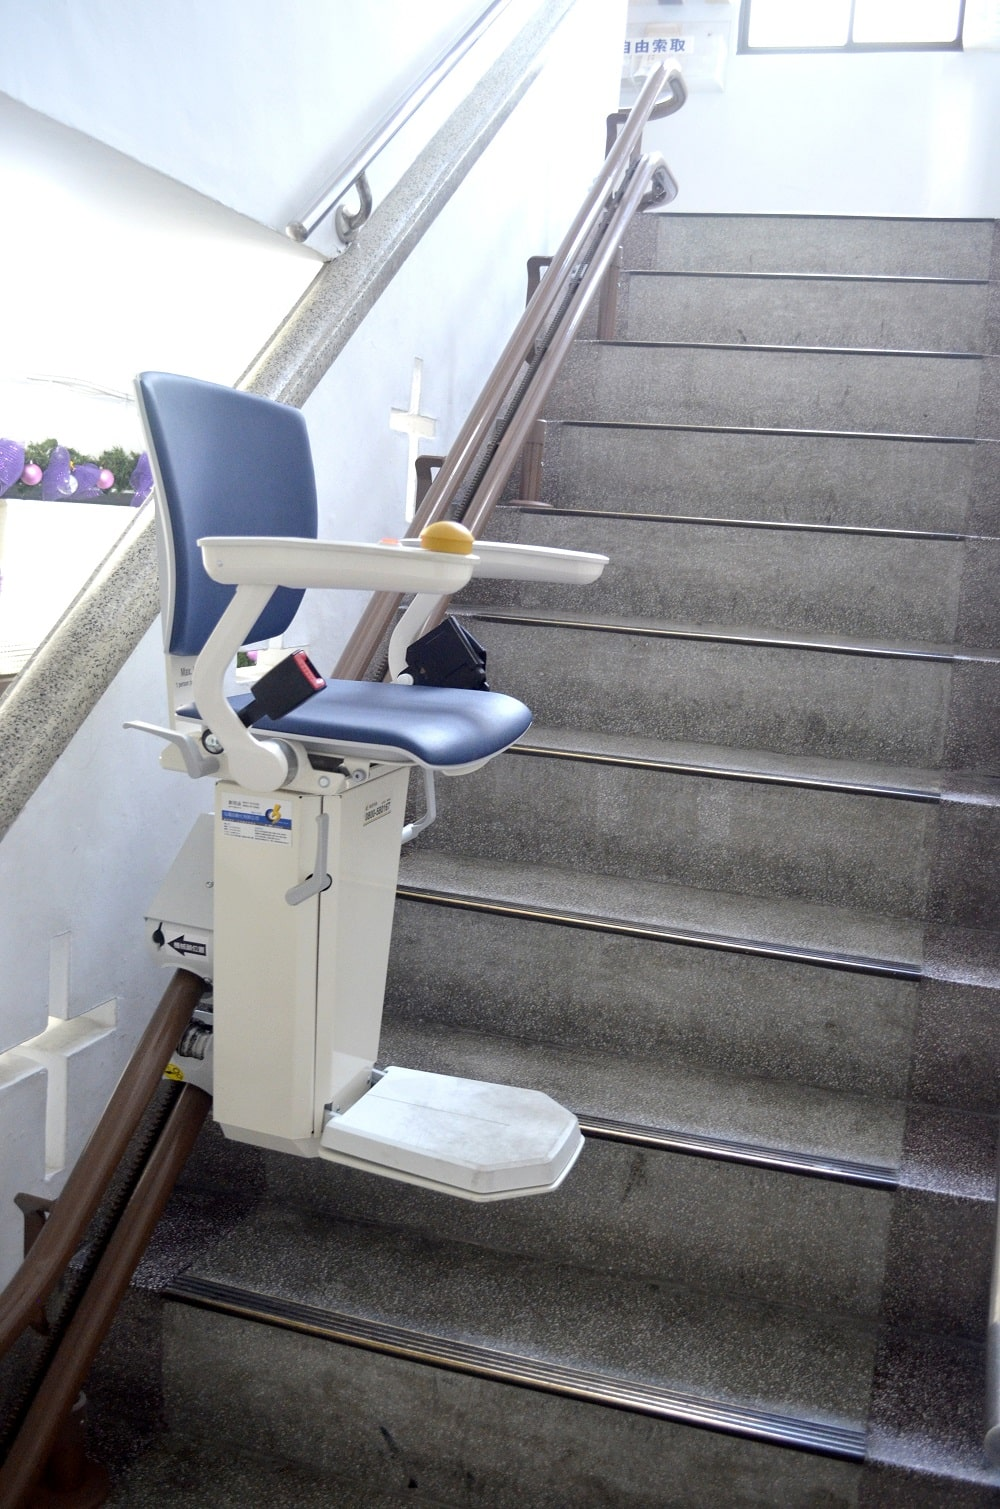 高雄鼓巖教會樓梯升降椅軌道